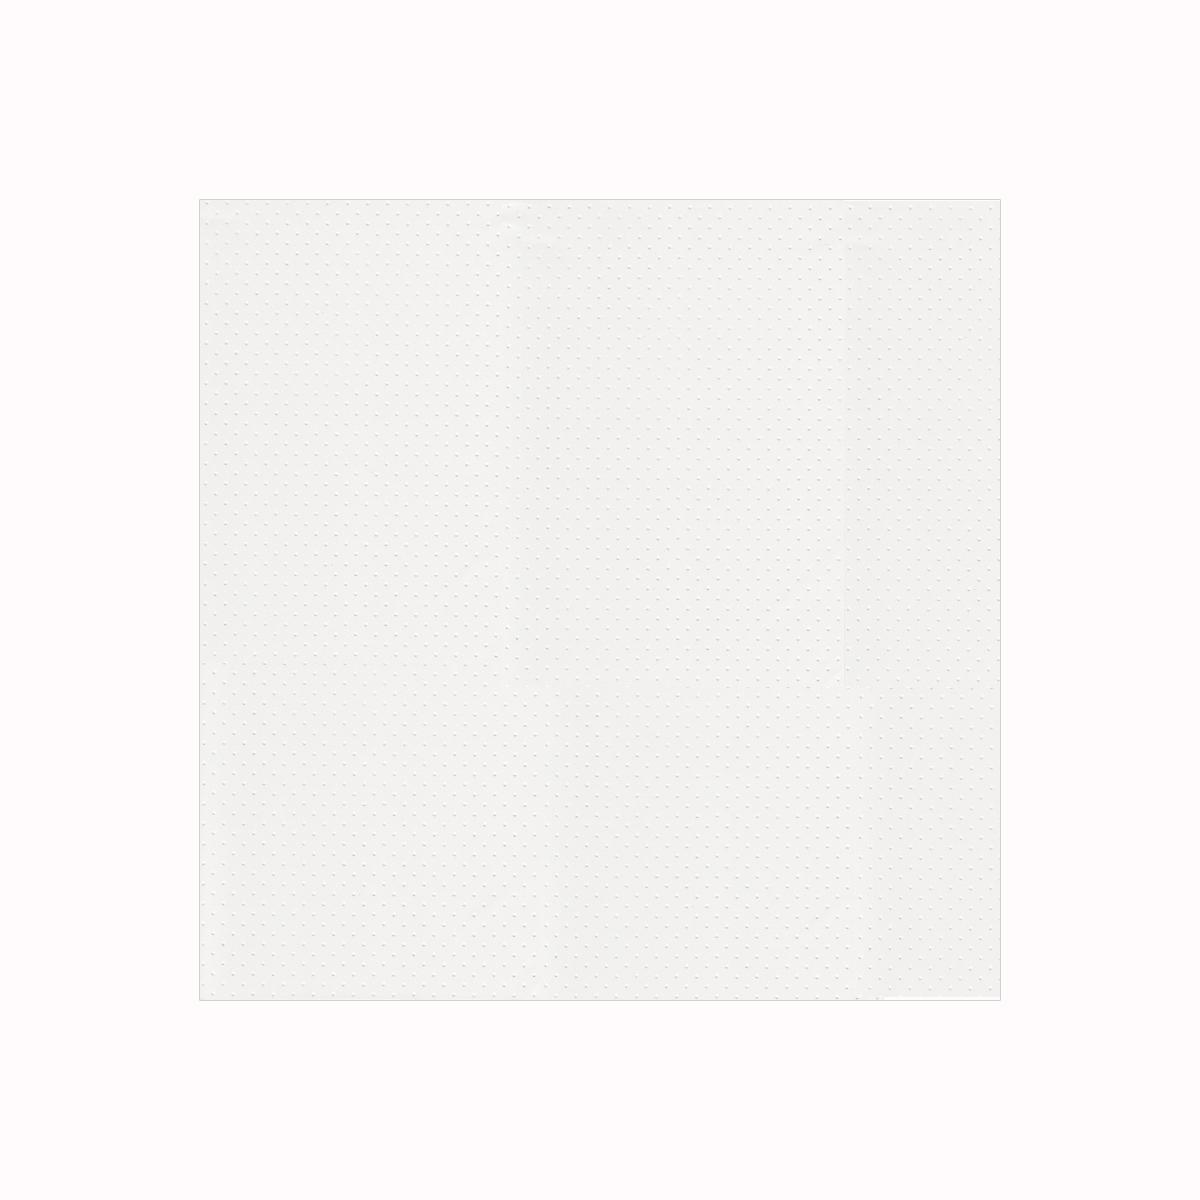 Бумага с рельефным рисунком Лоза Точки, цвет: белый, 3 листа. 498137498137_1 белый